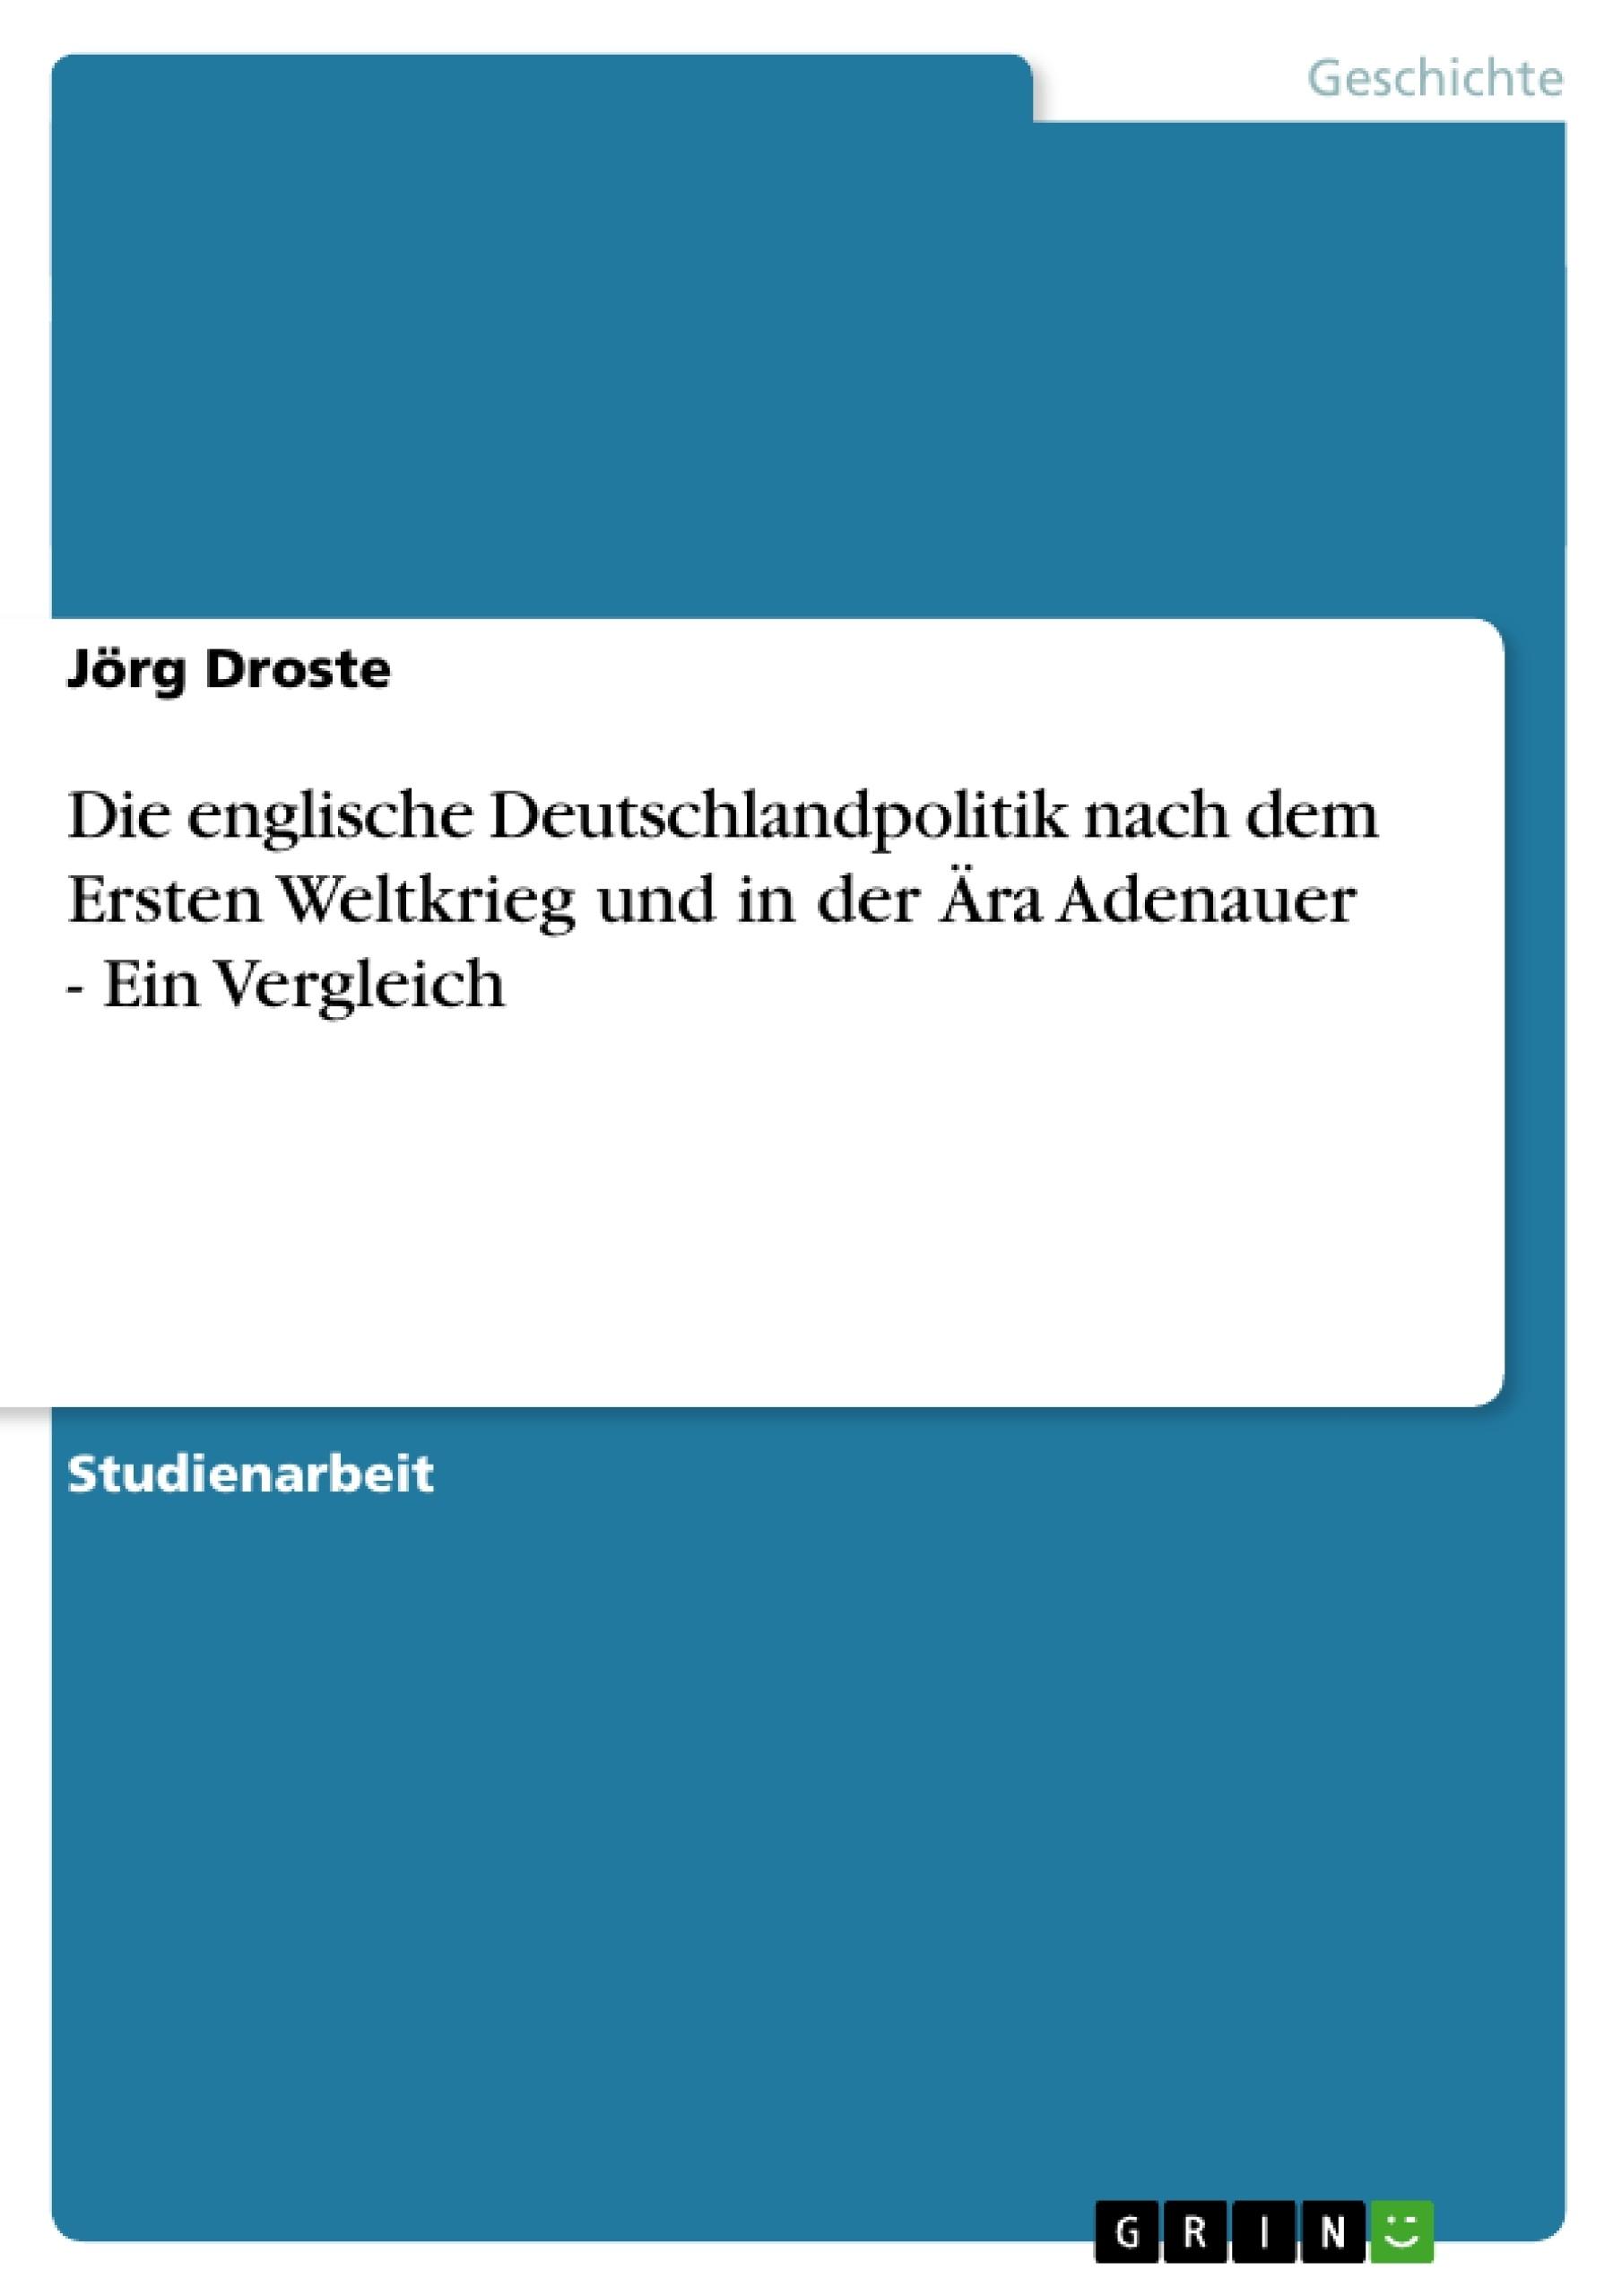 Titel: Die englische Deutschlandpolitik nach dem Ersten Weltkrieg und in der Ära Adenauer - Ein Vergleich